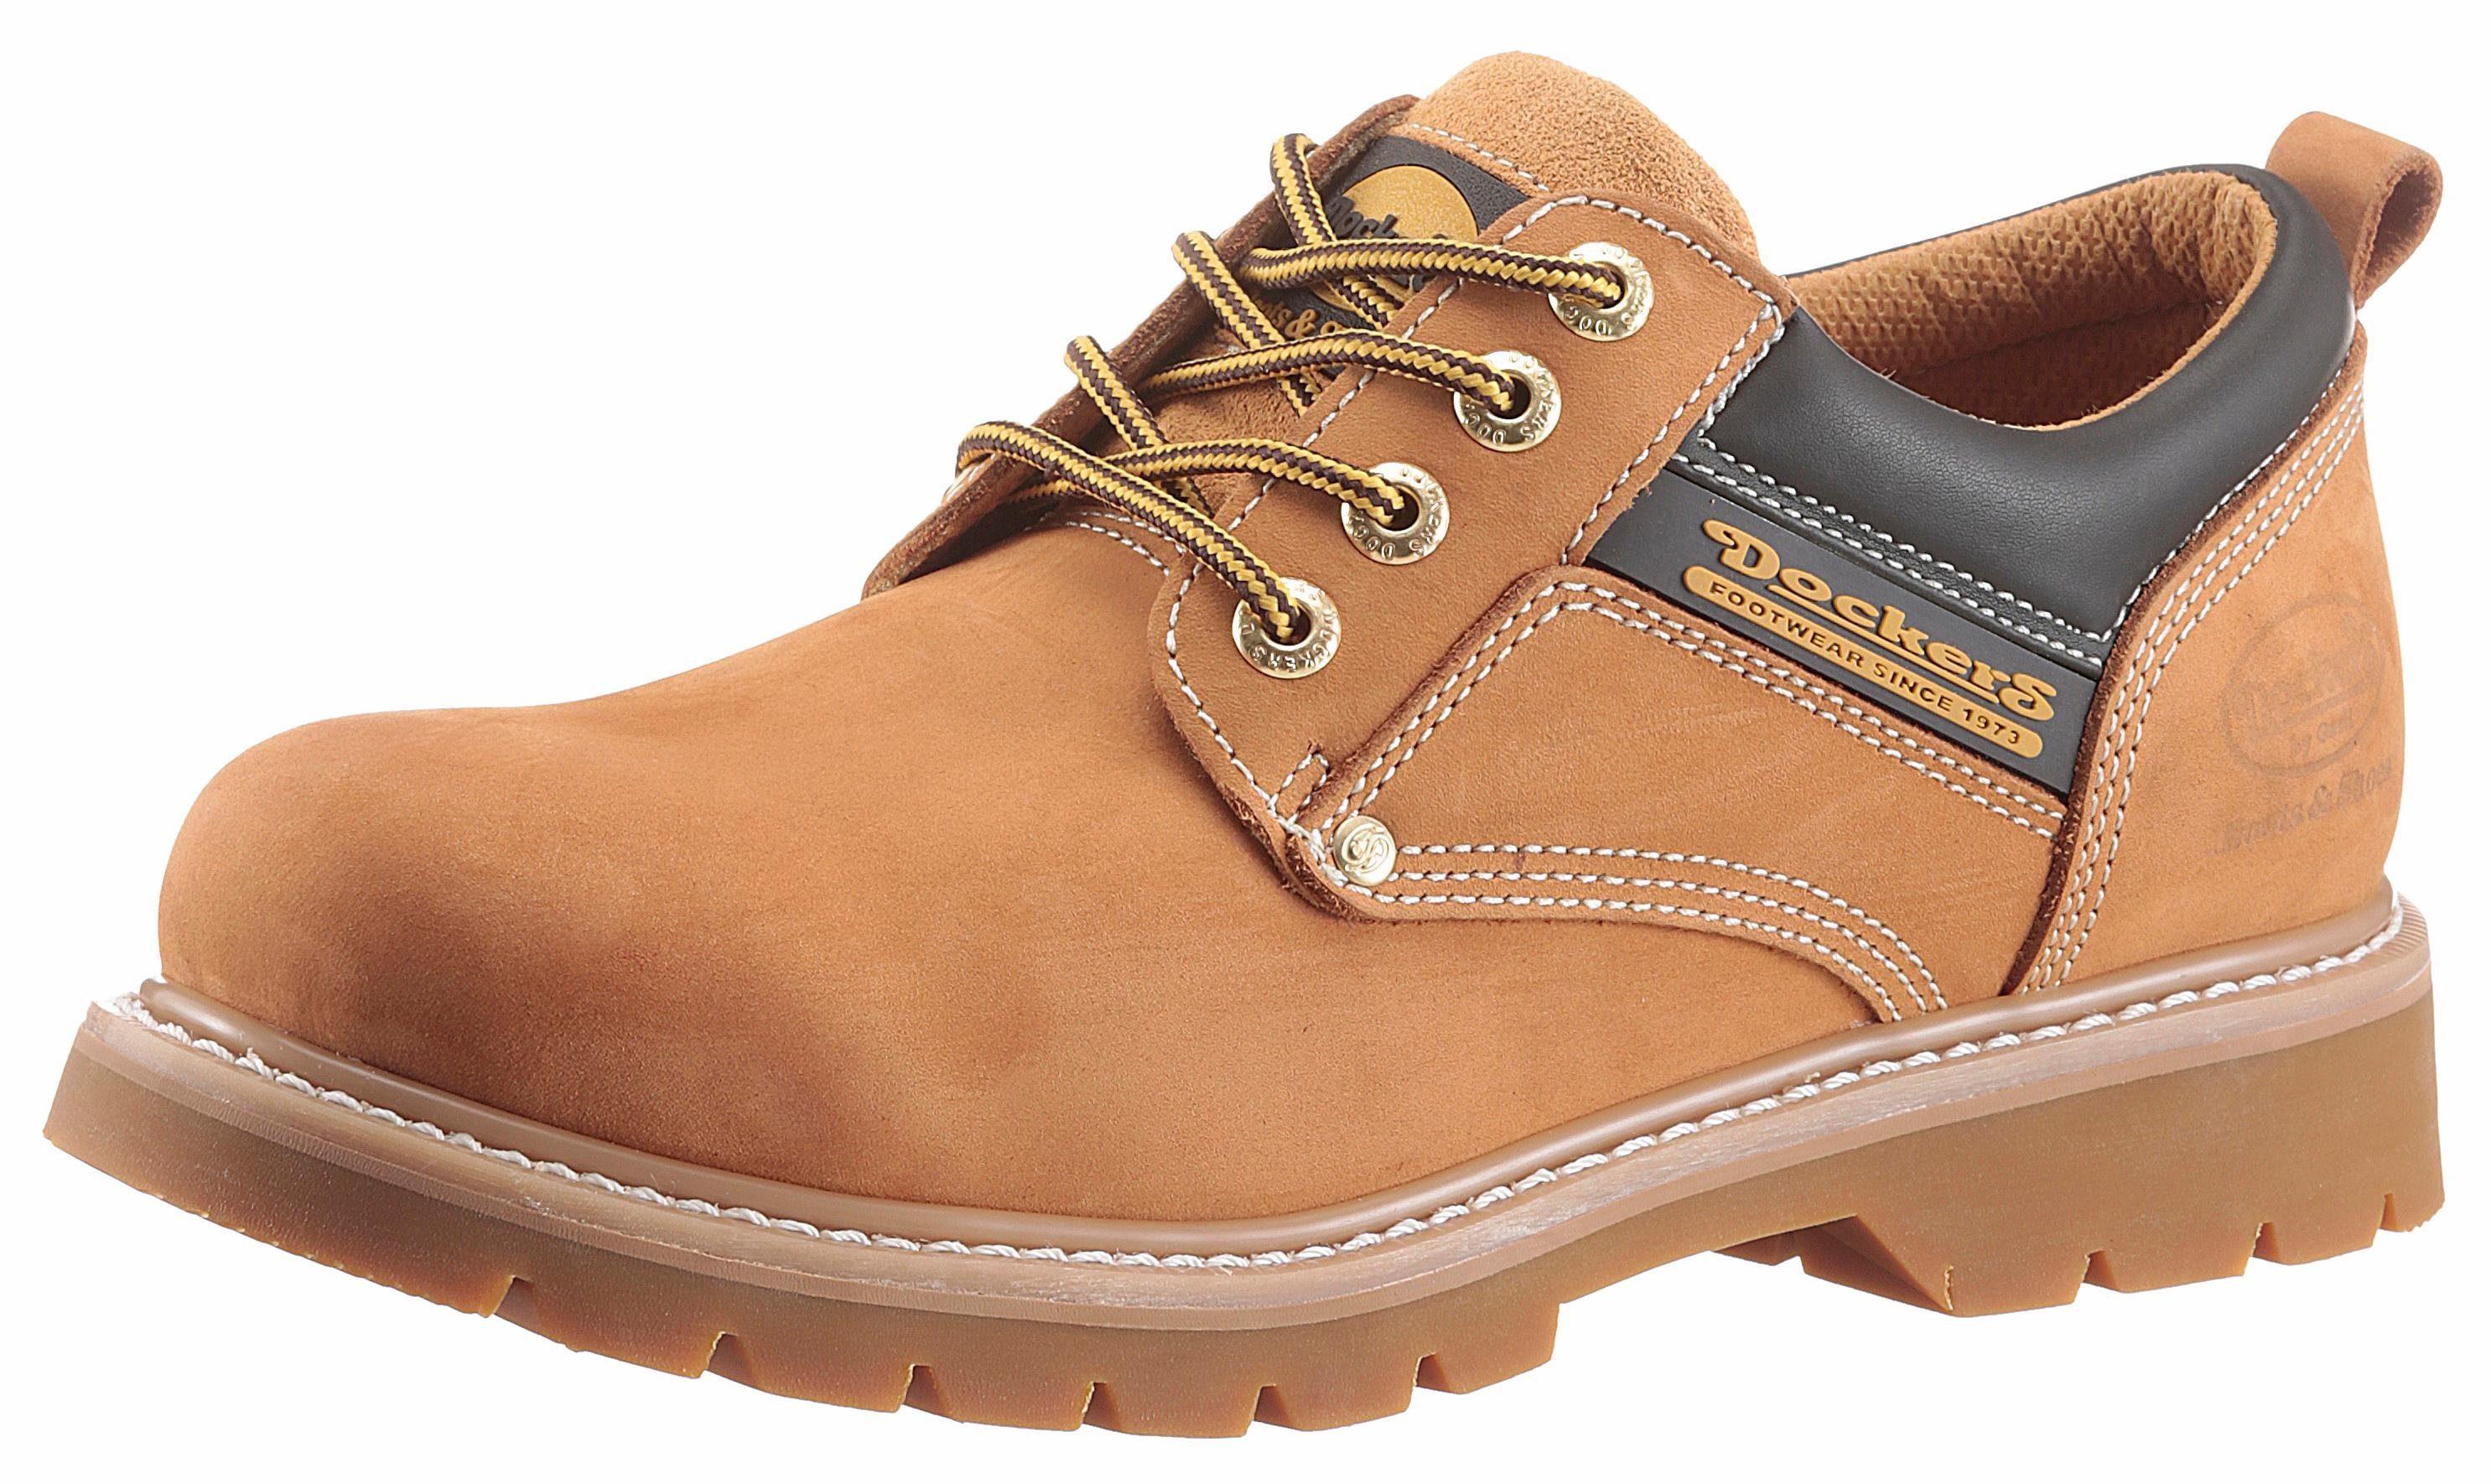 Bureau Brun Dockers Par Des Chaussures De Bureau Gerli Pour Les Hommes 4emsl5nVOP